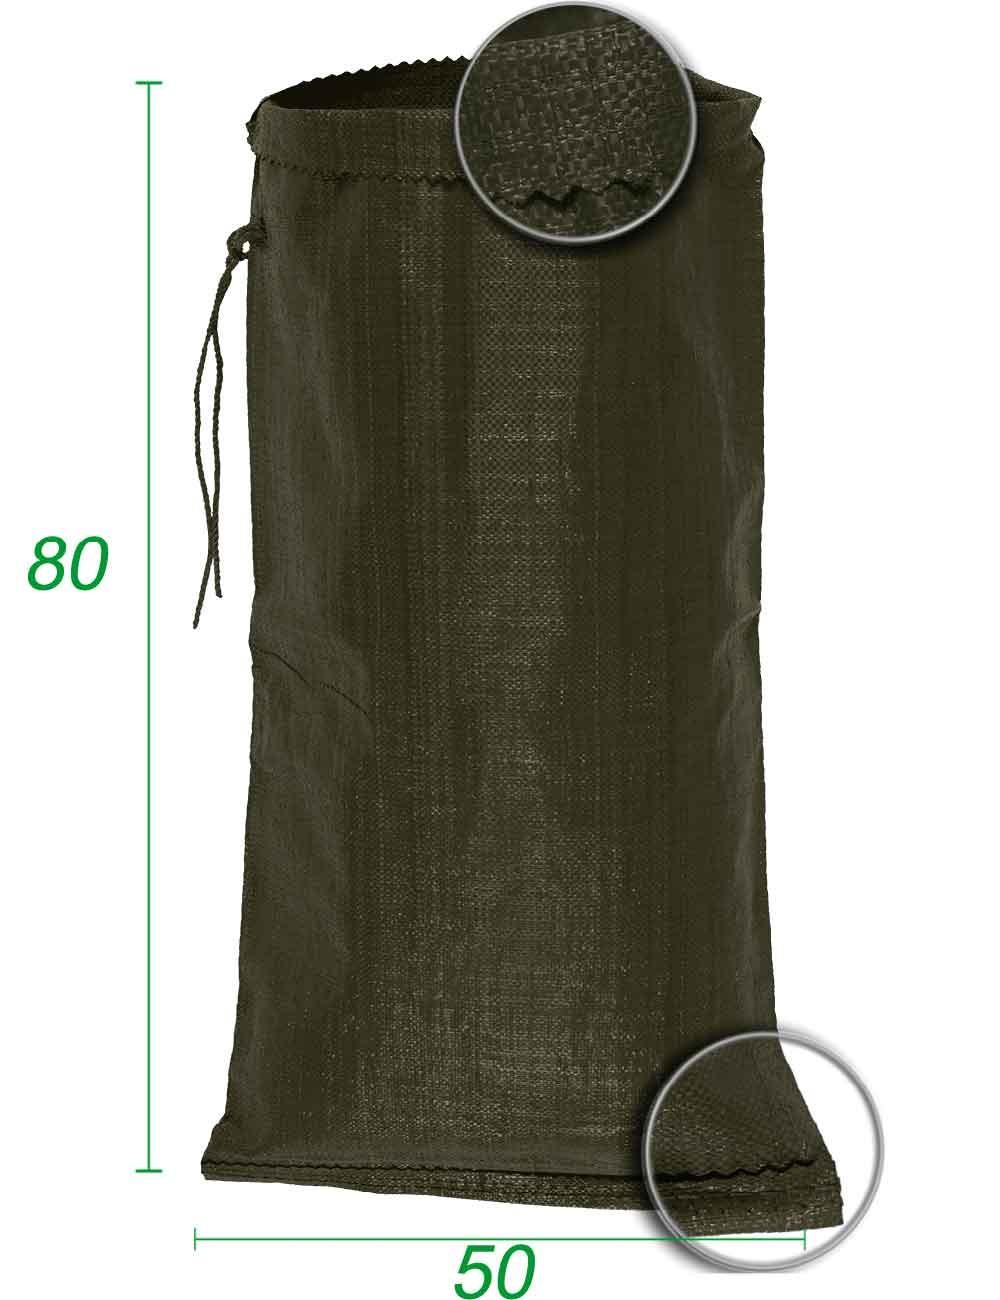 Sacco sfuso, polipropilene Verde 50X80